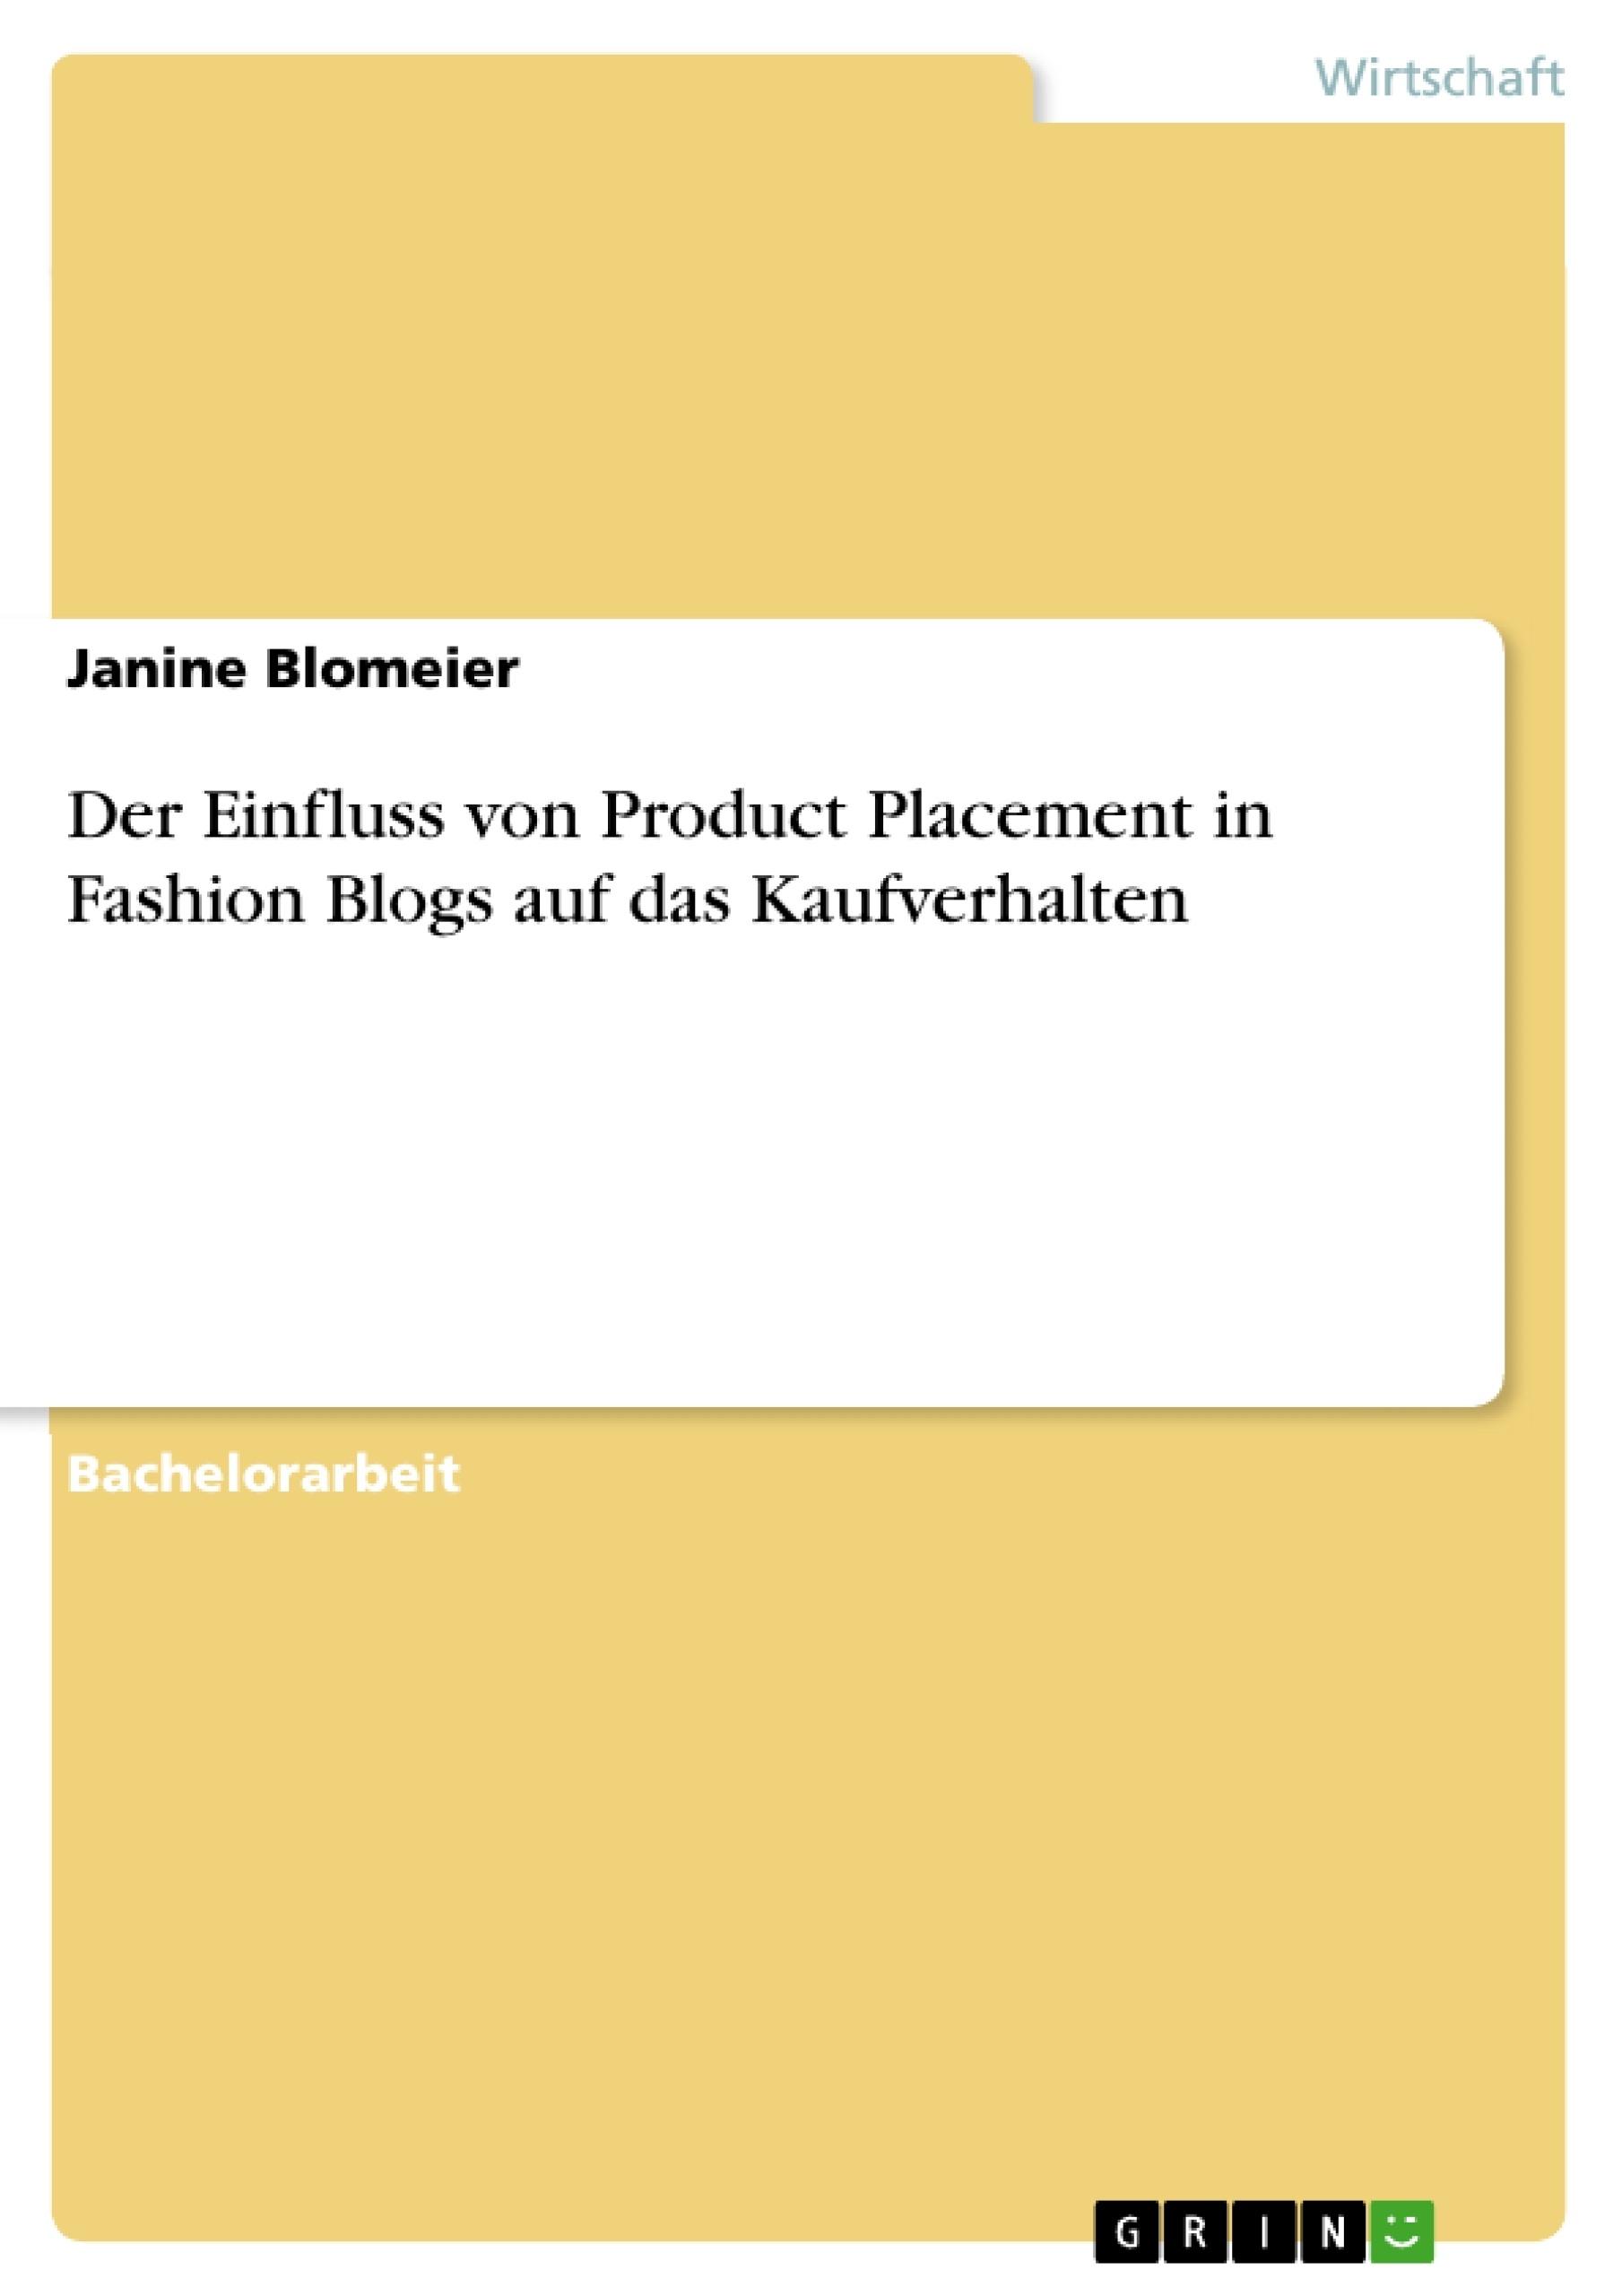 Titel: Der Einfluss von Product Placement in Fashion Blogs auf das  Kaufverhalten